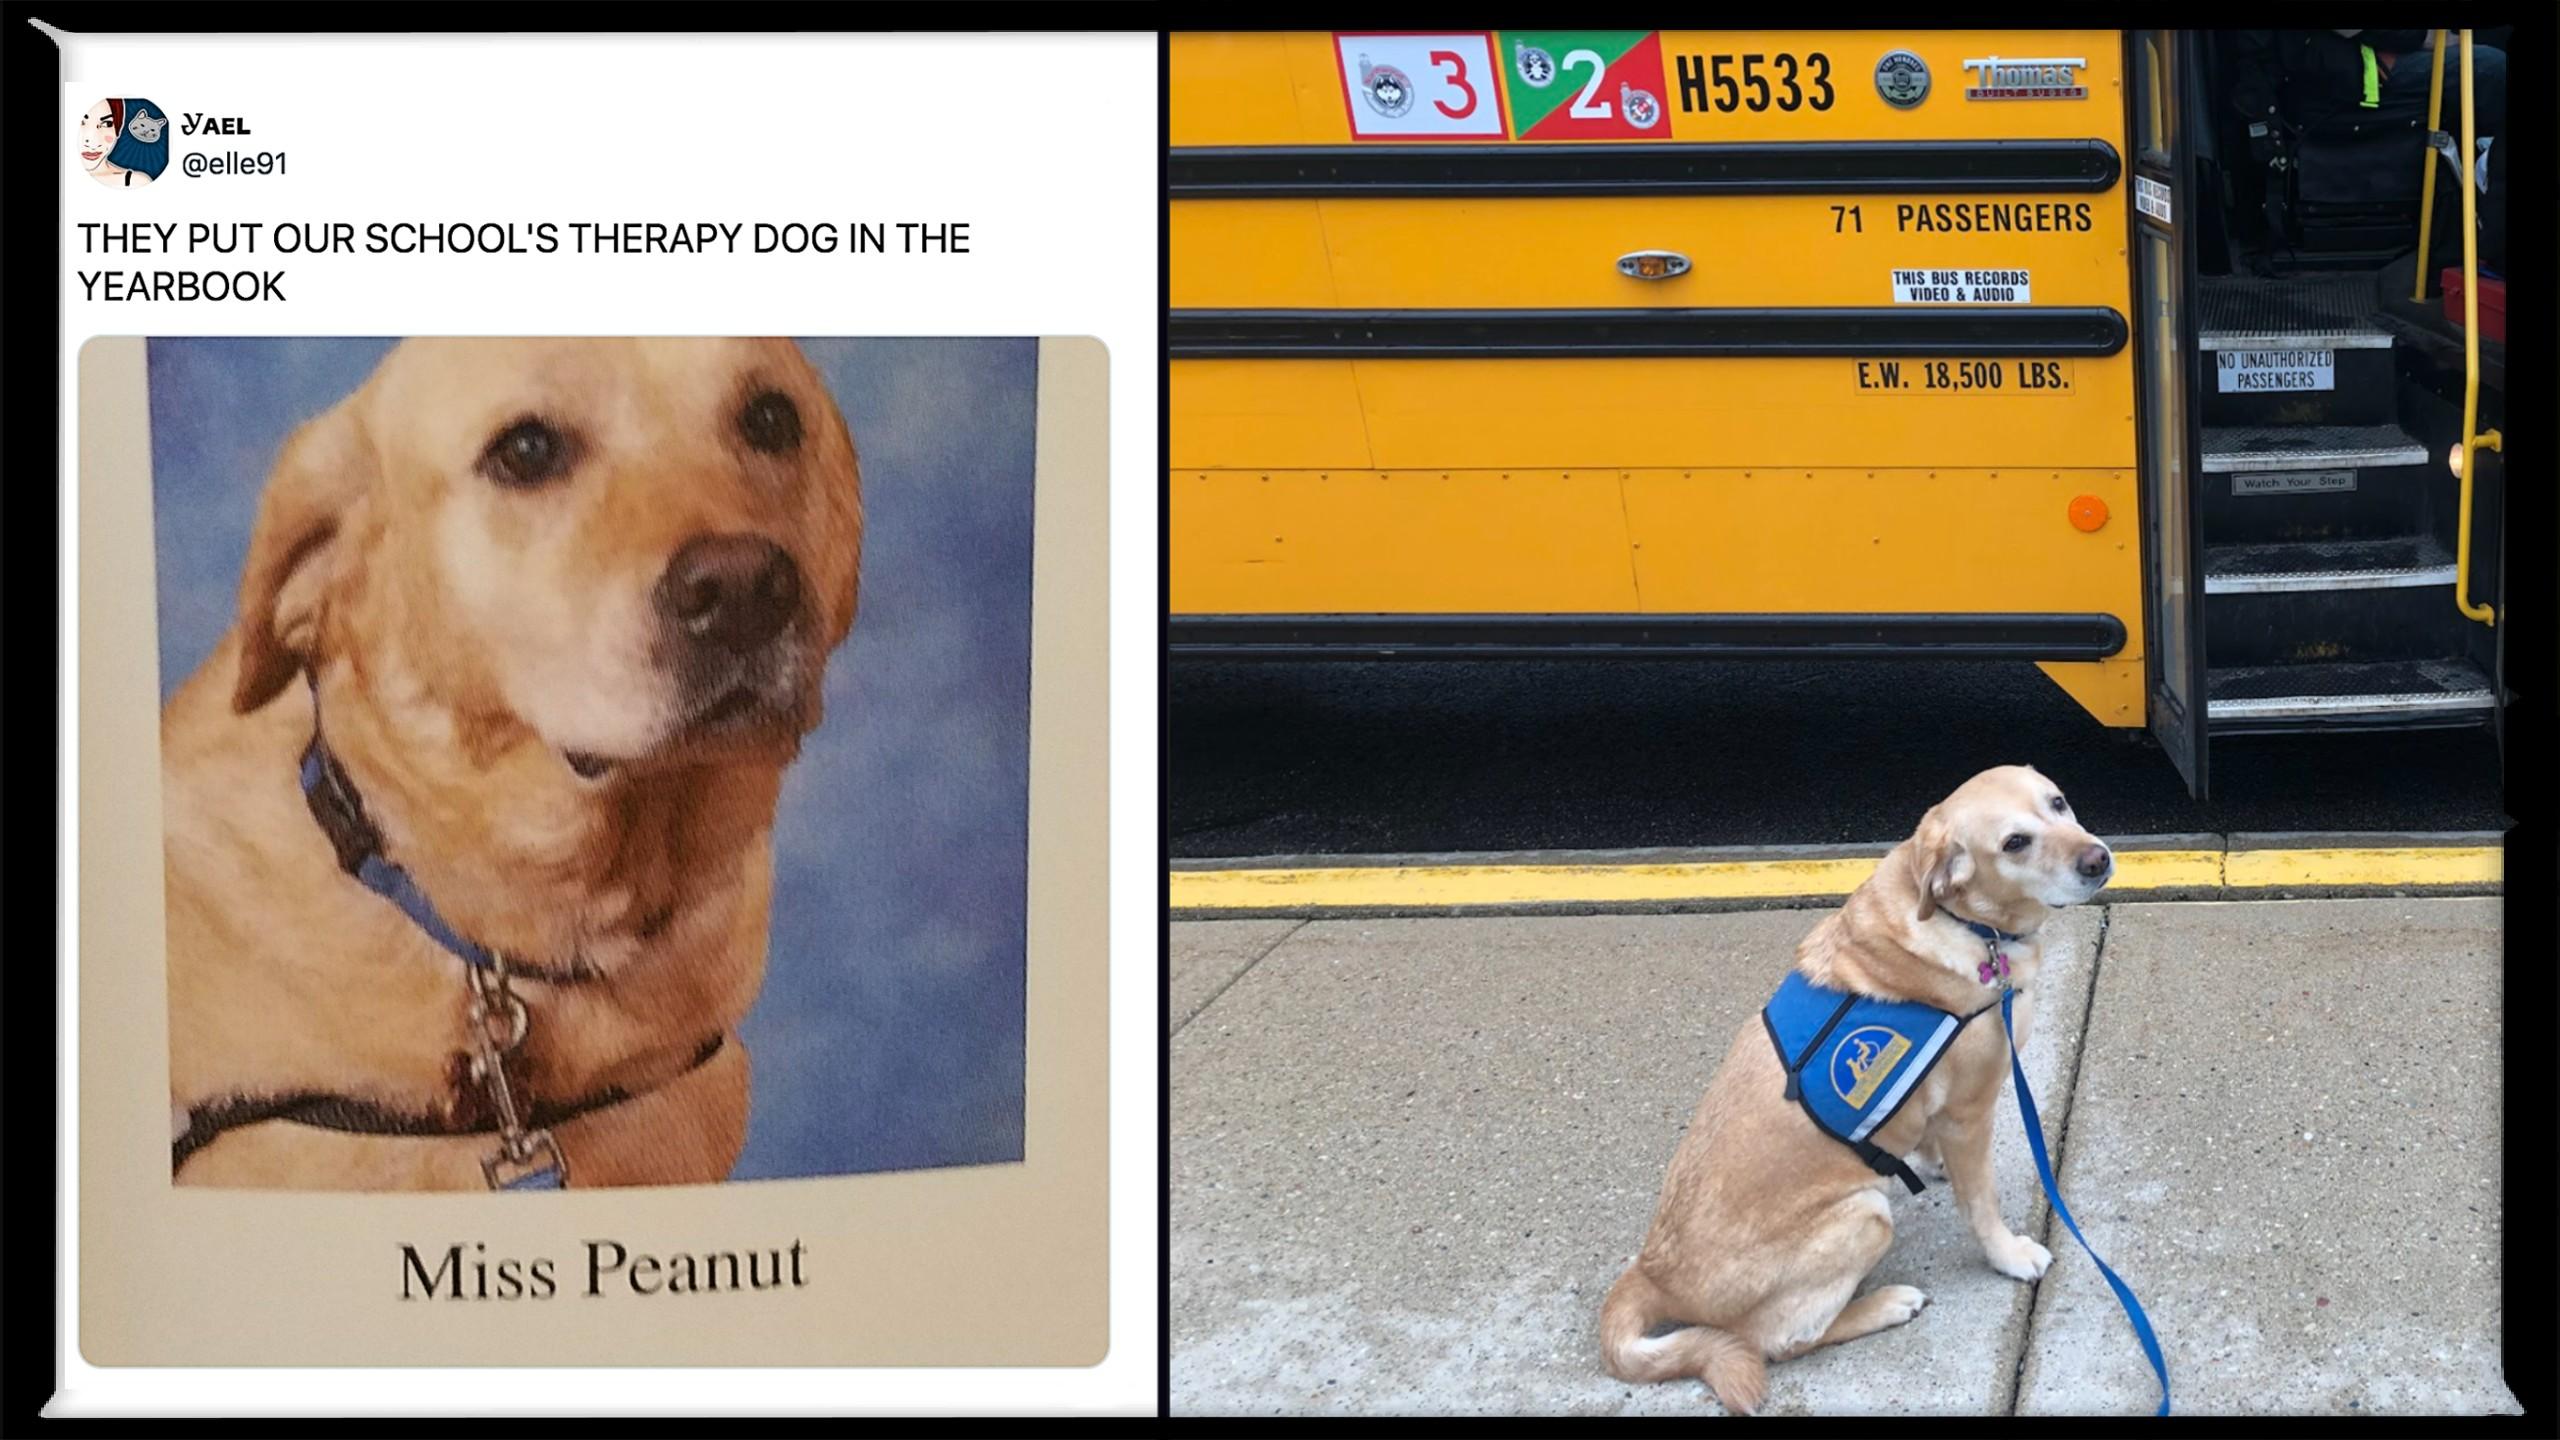 Facility dogs like Peanut make school a whole lot more fun